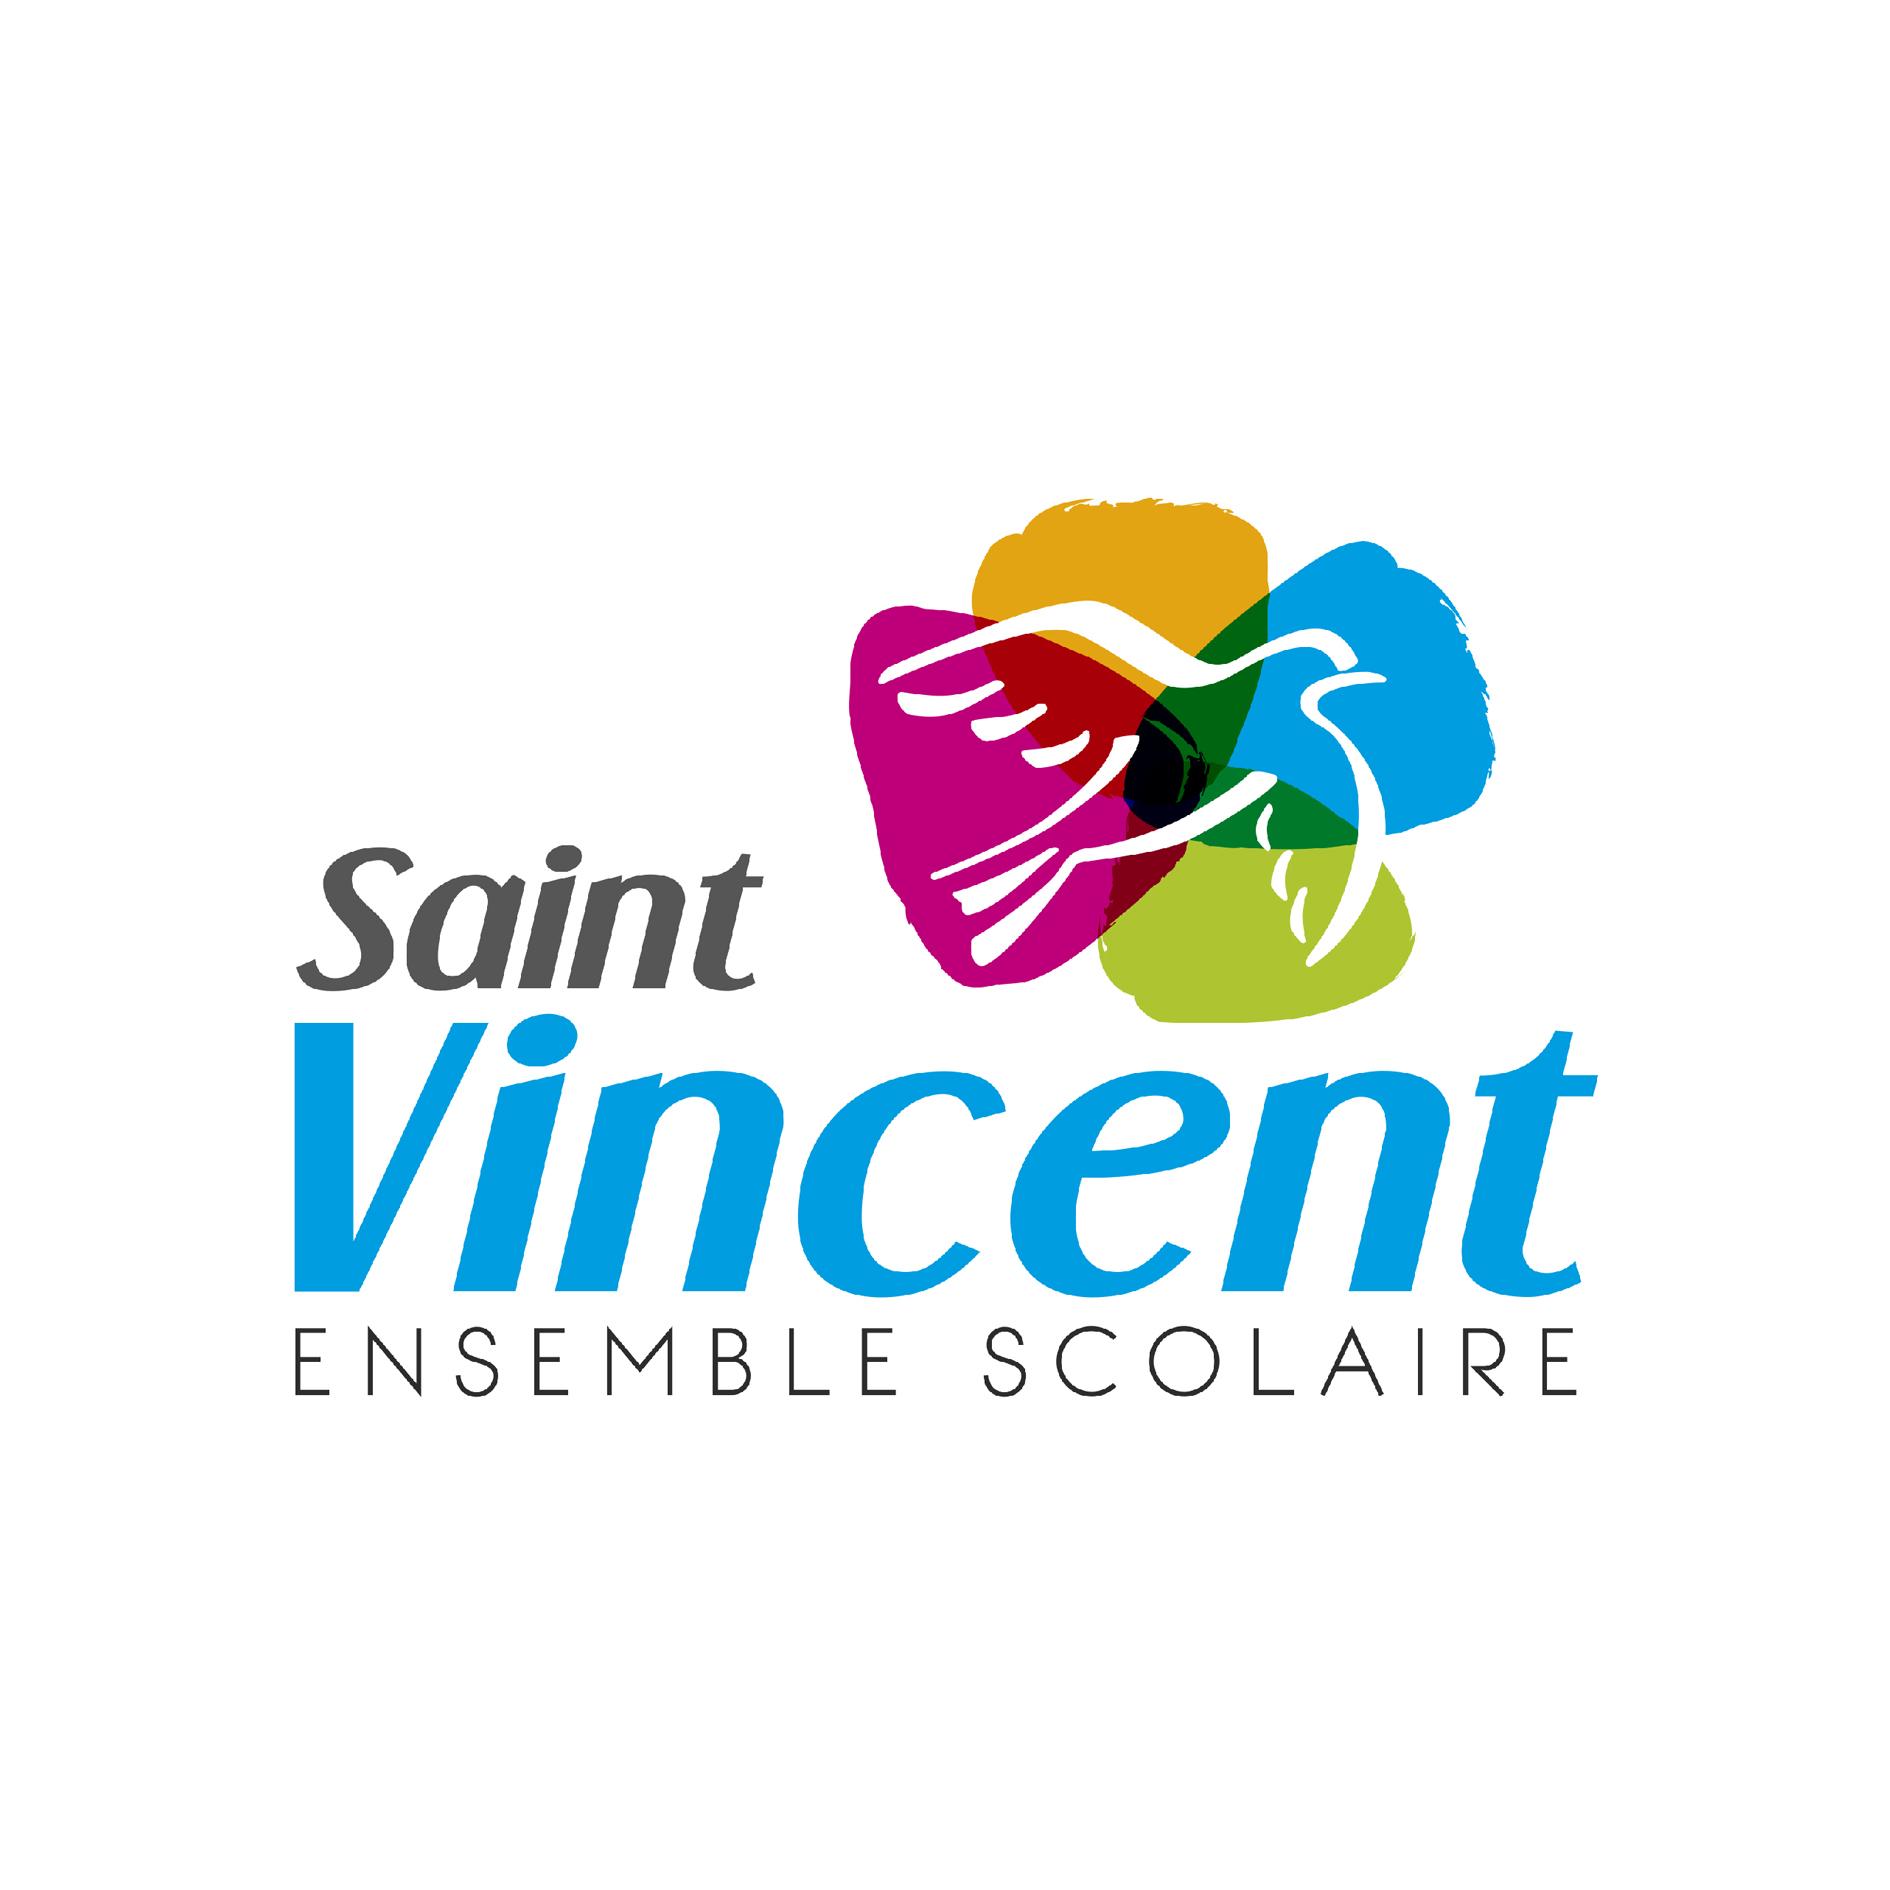 Ensemble Scolaire Saint Vincent